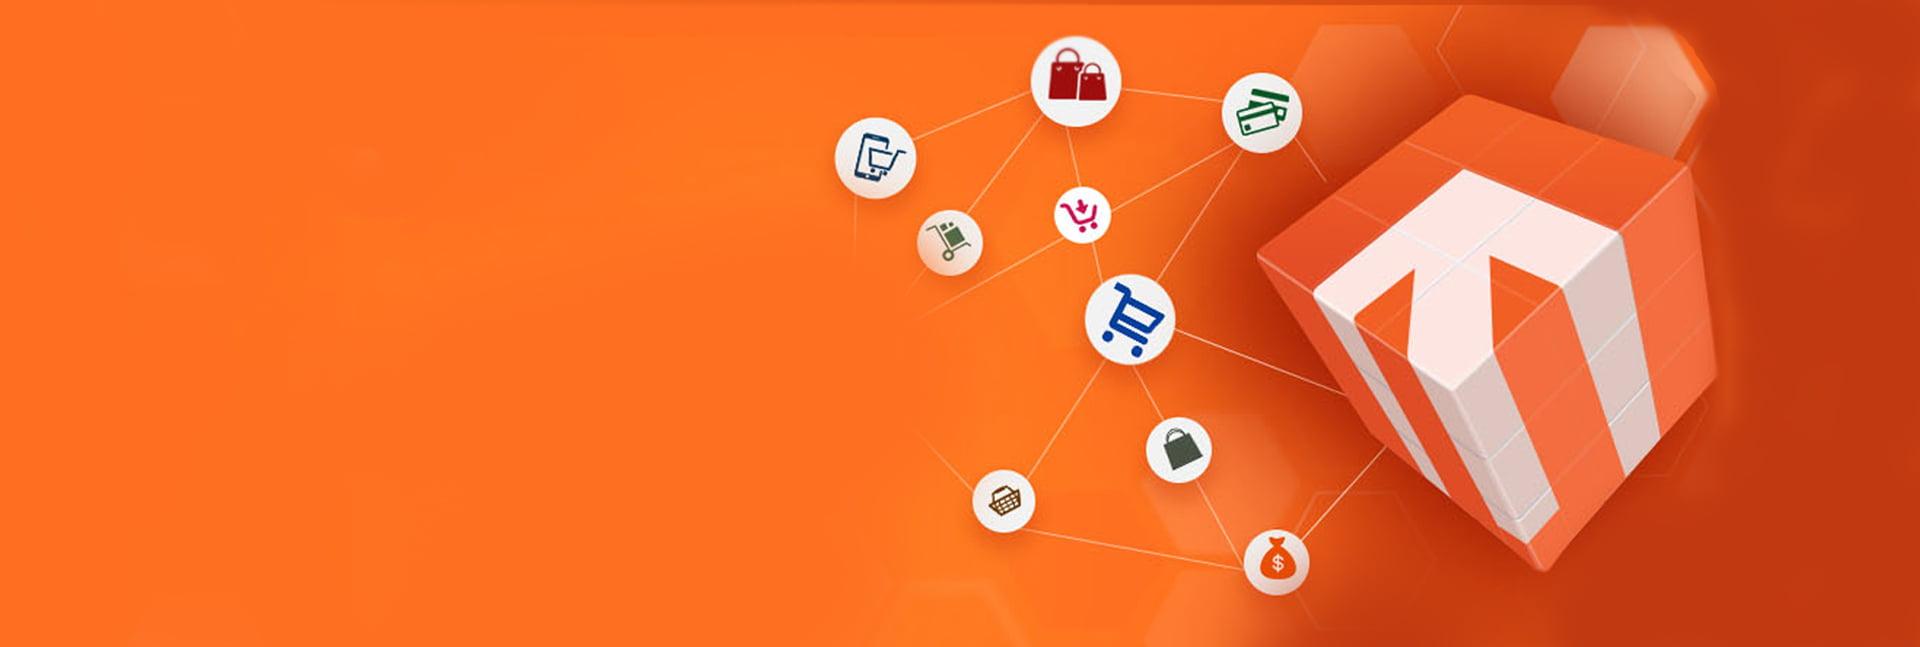 GetAProgrammer | Magento Developer Melbourne | Hire Magento Developers